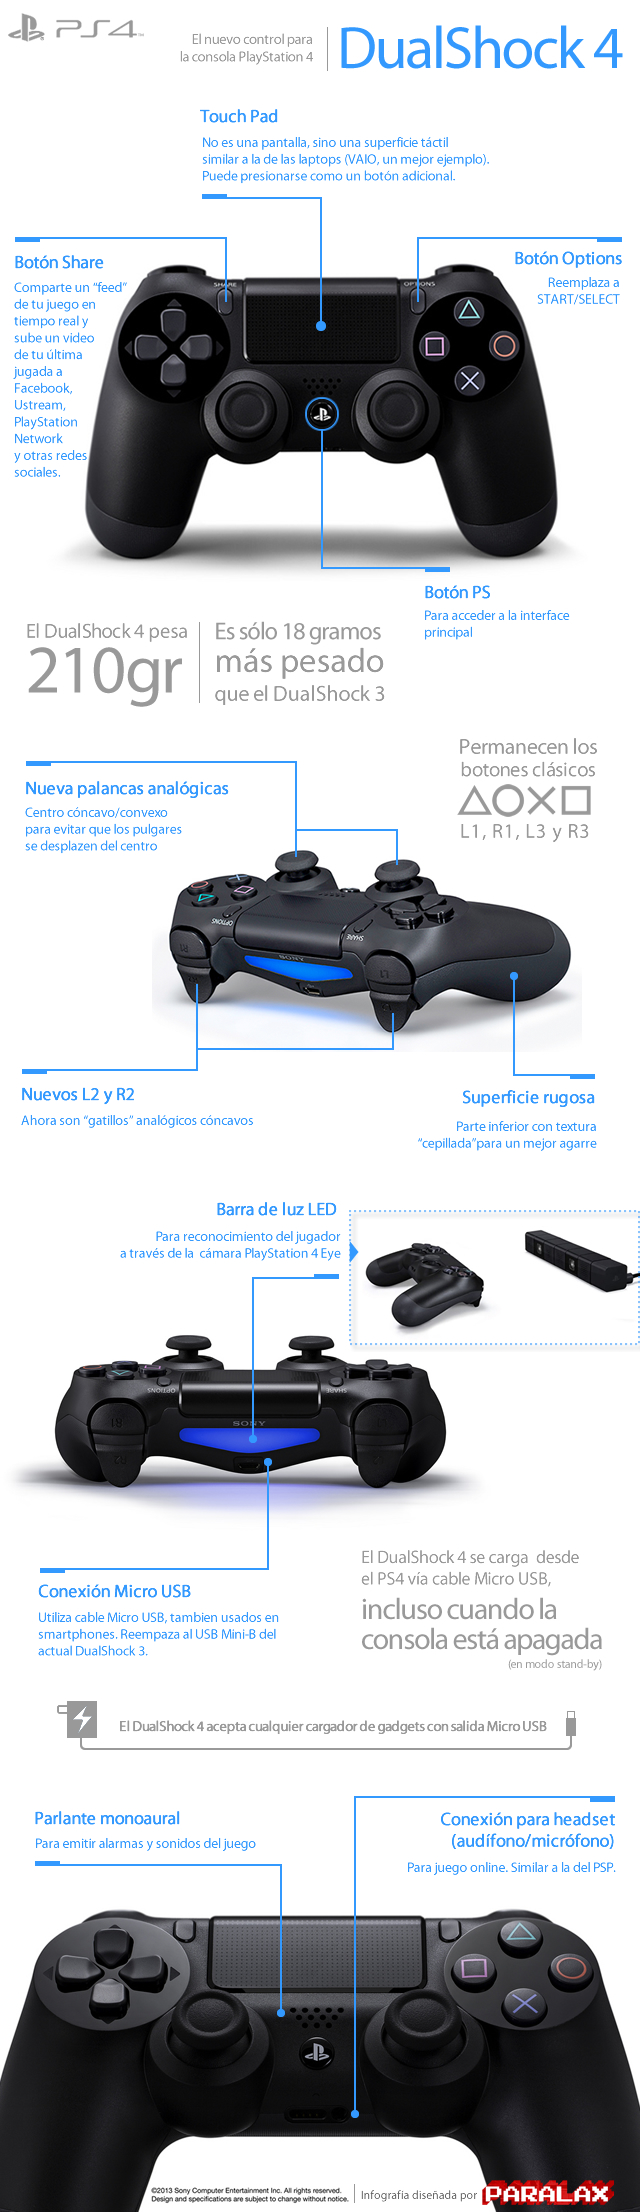 Dualshock 4 especificaciones mando control Playstation 4